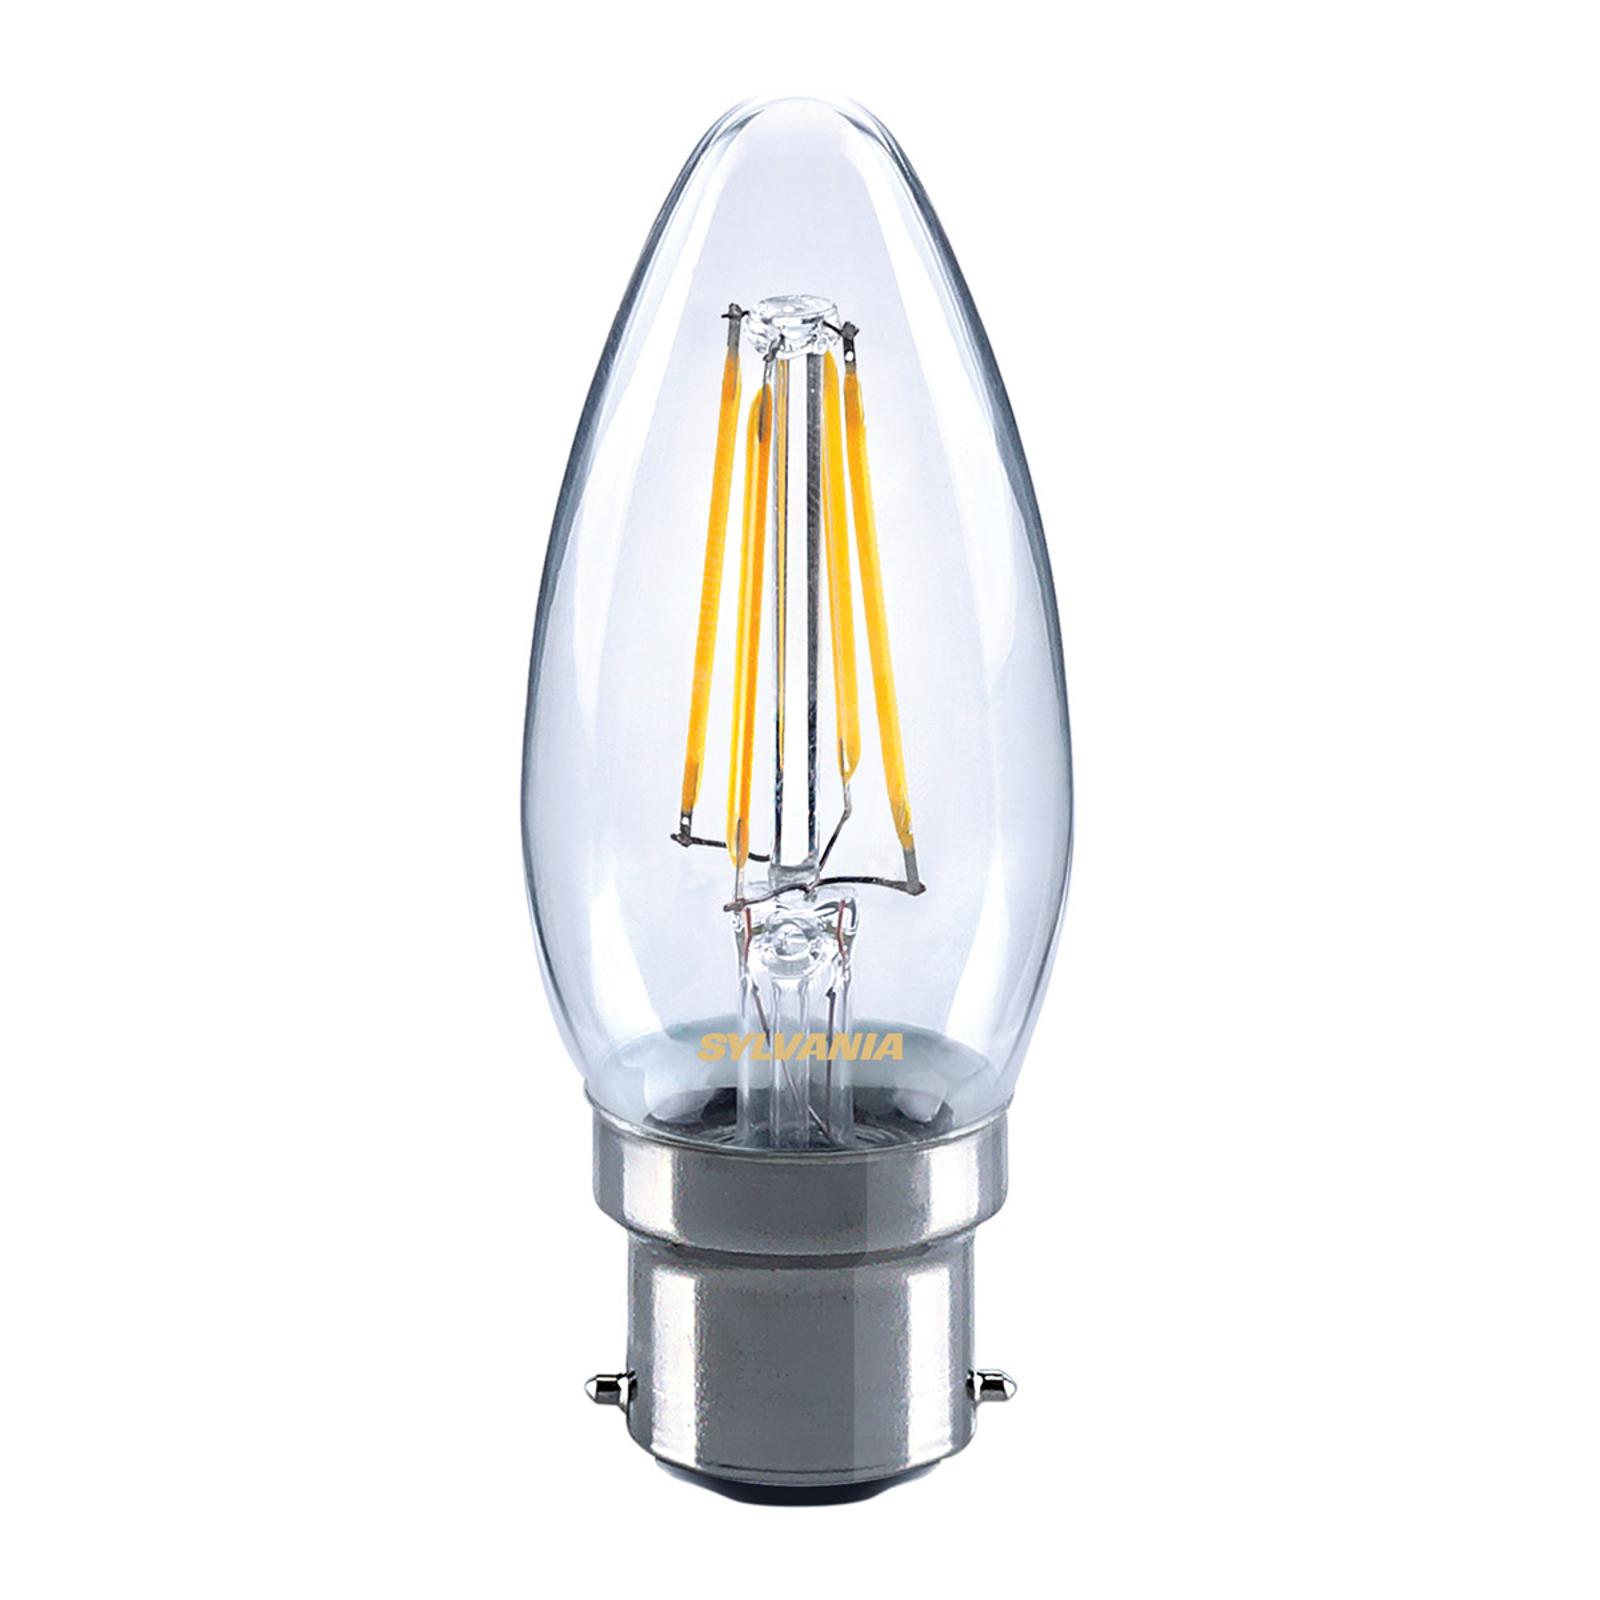 B22 4W 827 LED kertepære, klar